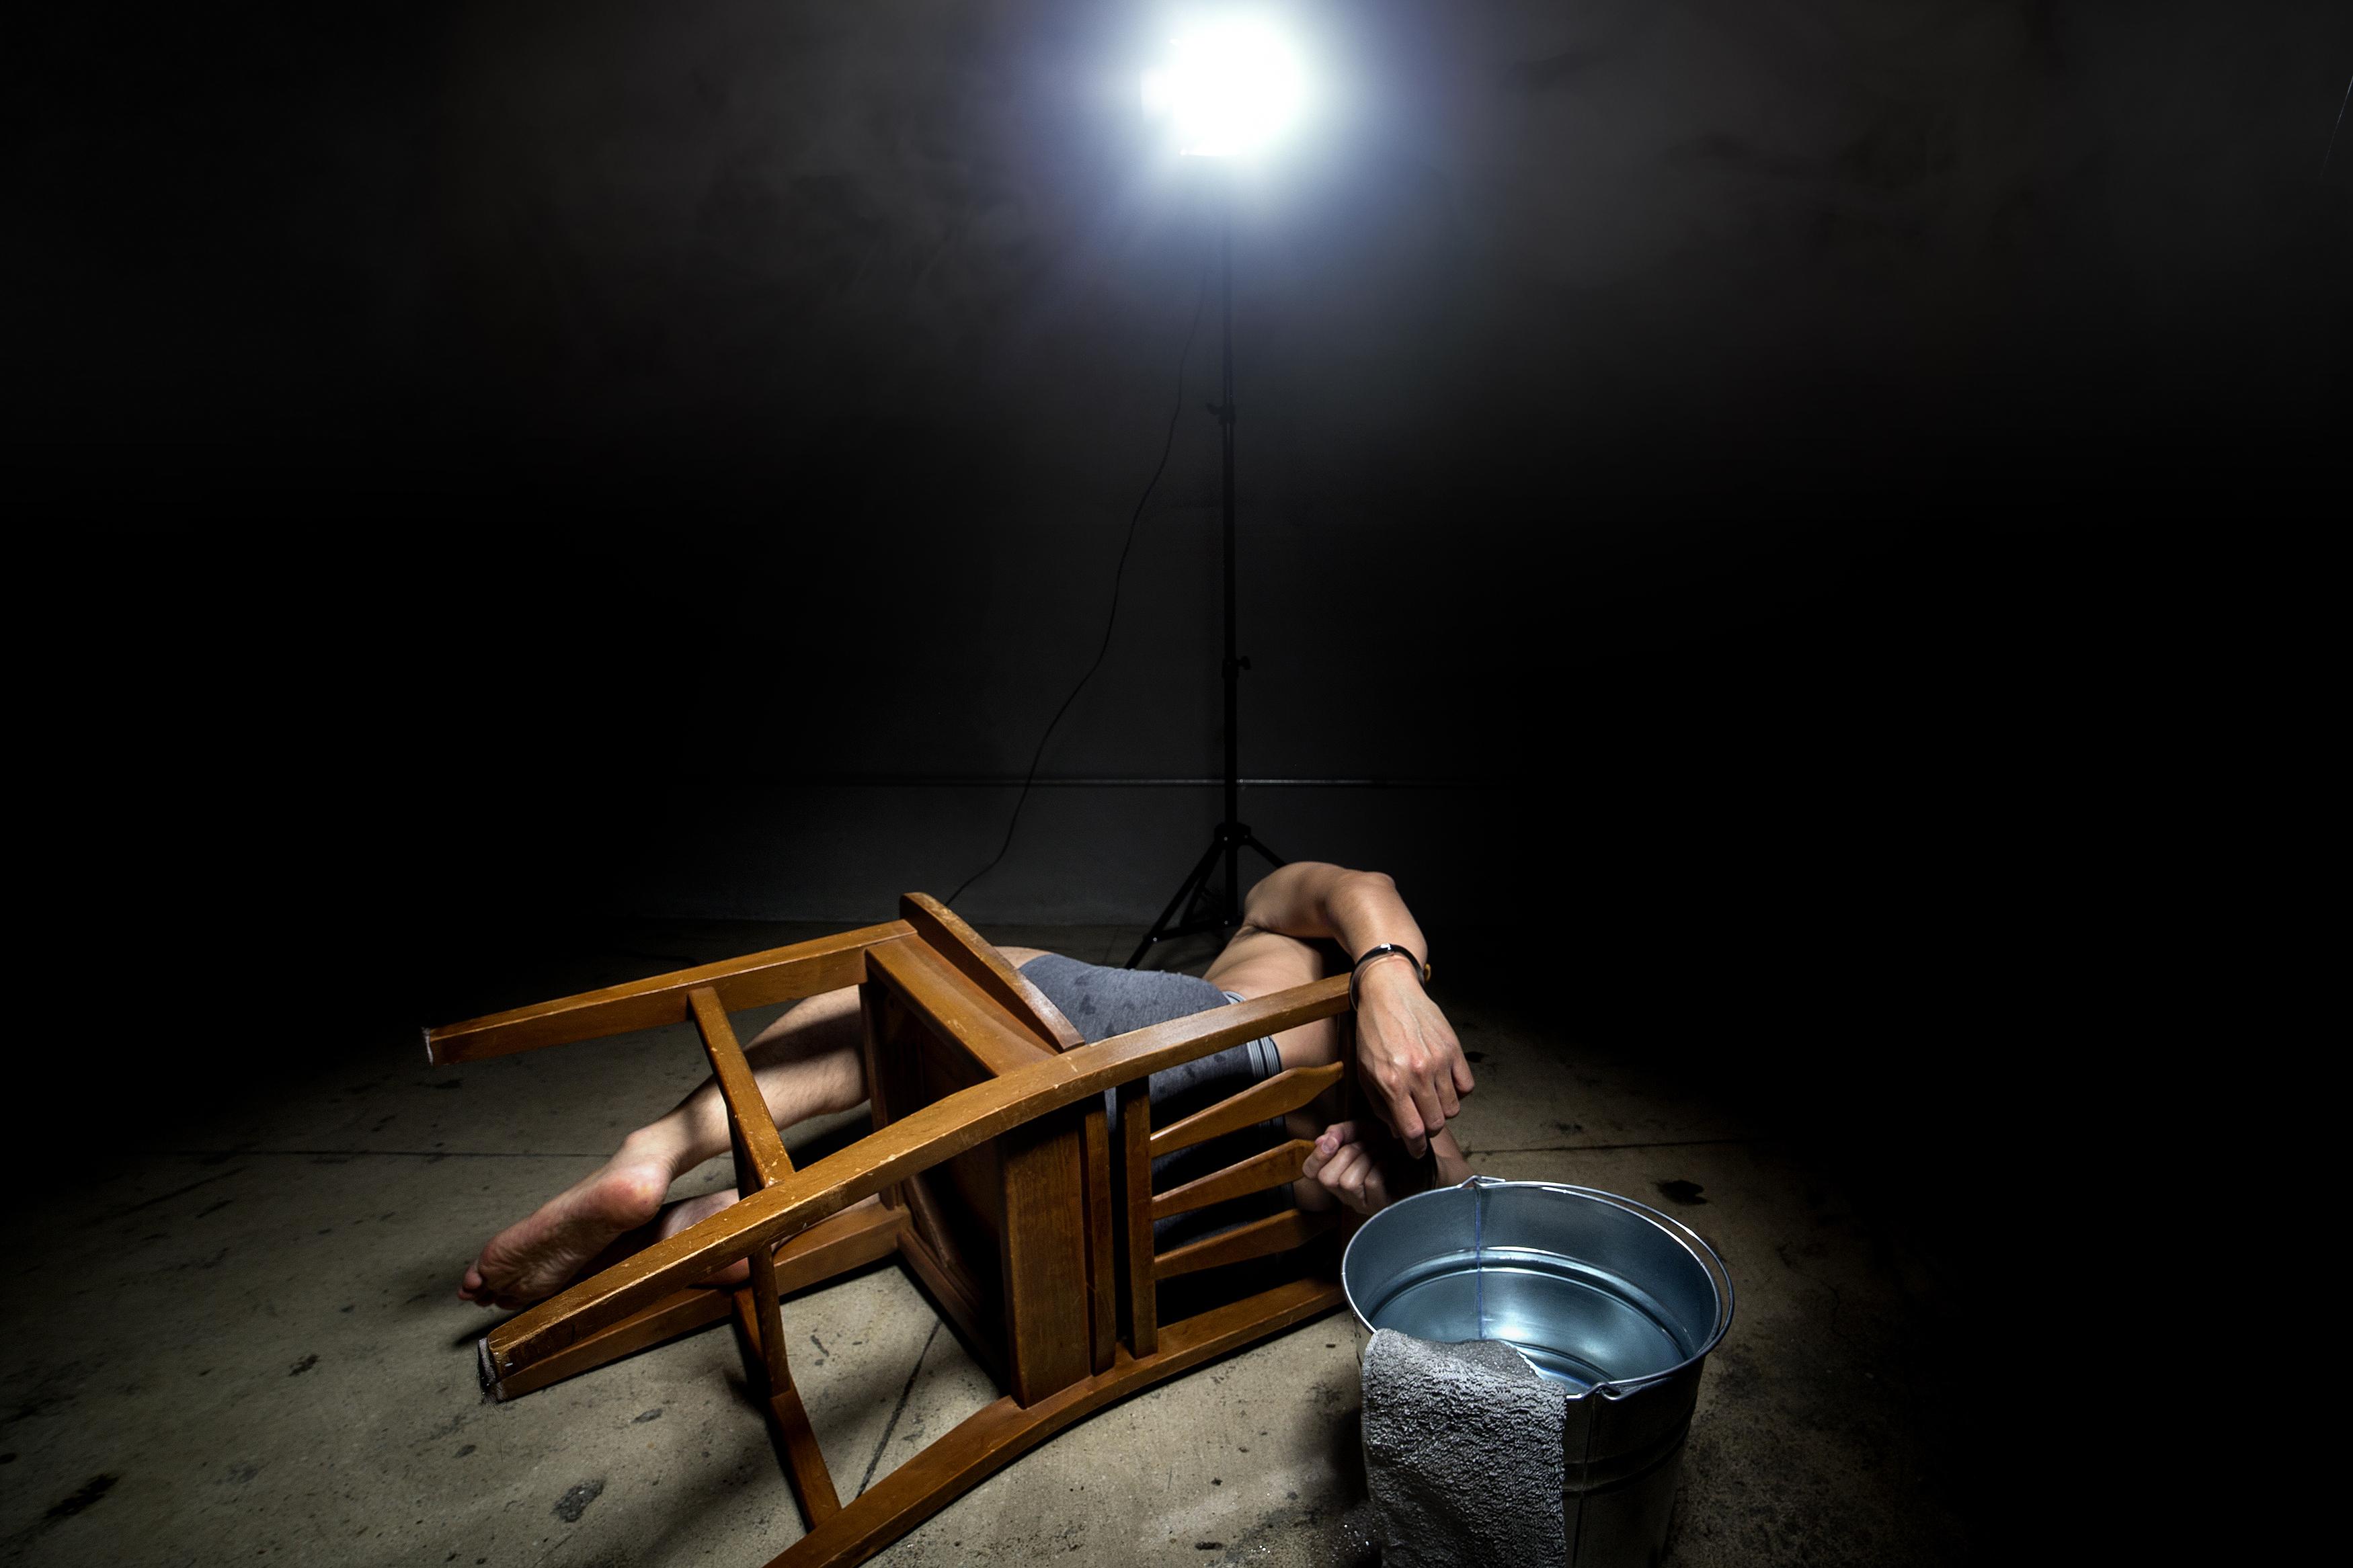 L'ONU repousse une conférence sur la torture prévue au Caire après des critiques